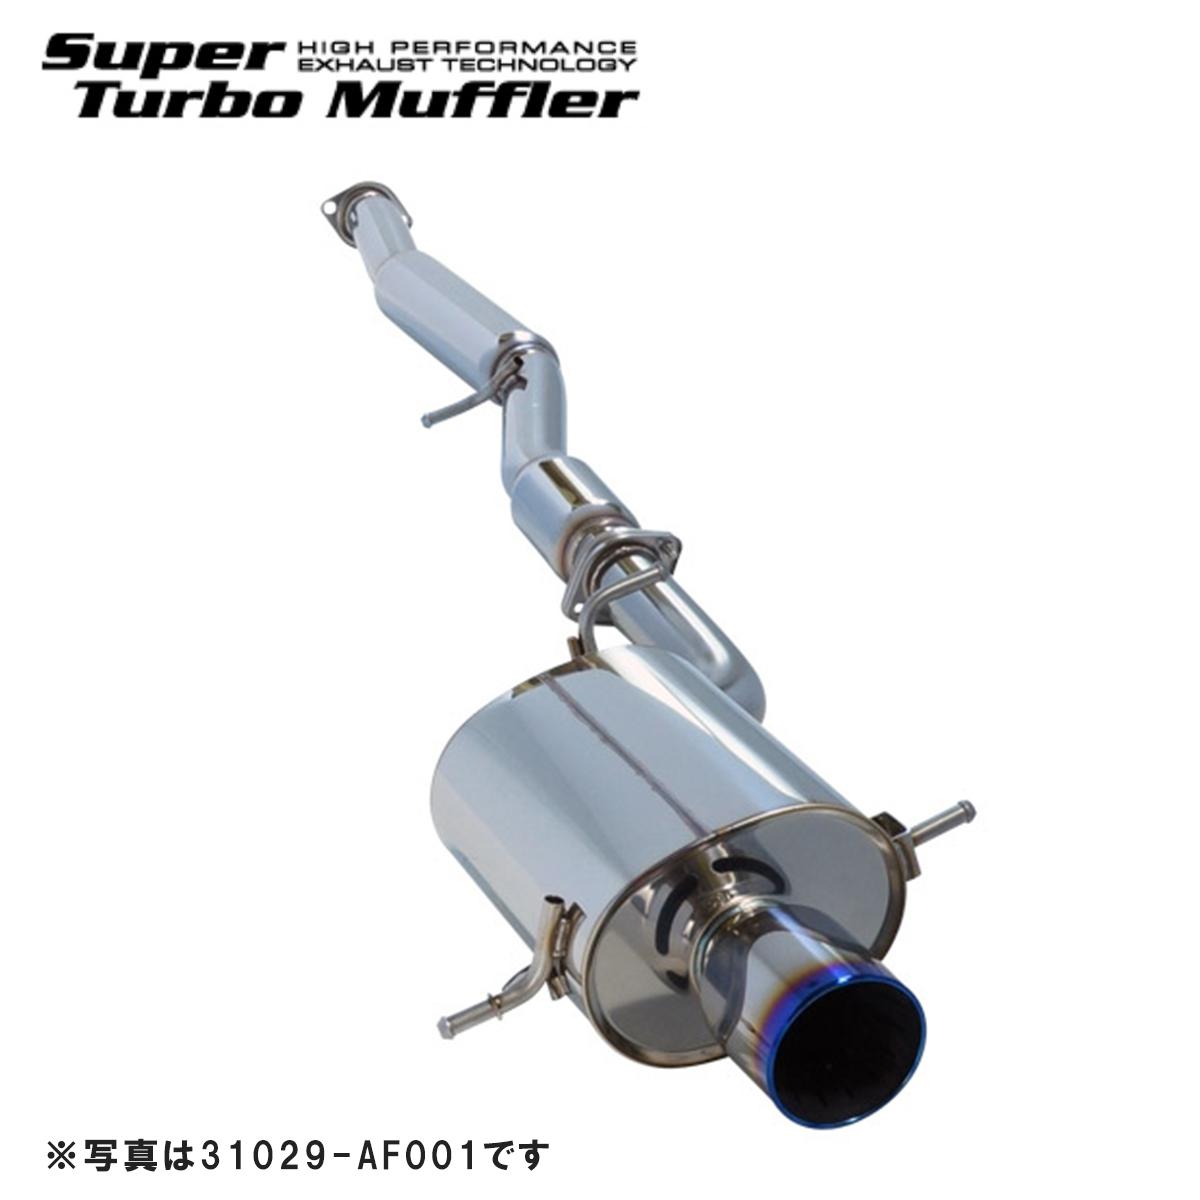 ランエボ ランサーエボリューション マフラー GH-CT9A (IX IX MR) HKS 31029-AM001 スーパーターボマフラー 配送先条件有り